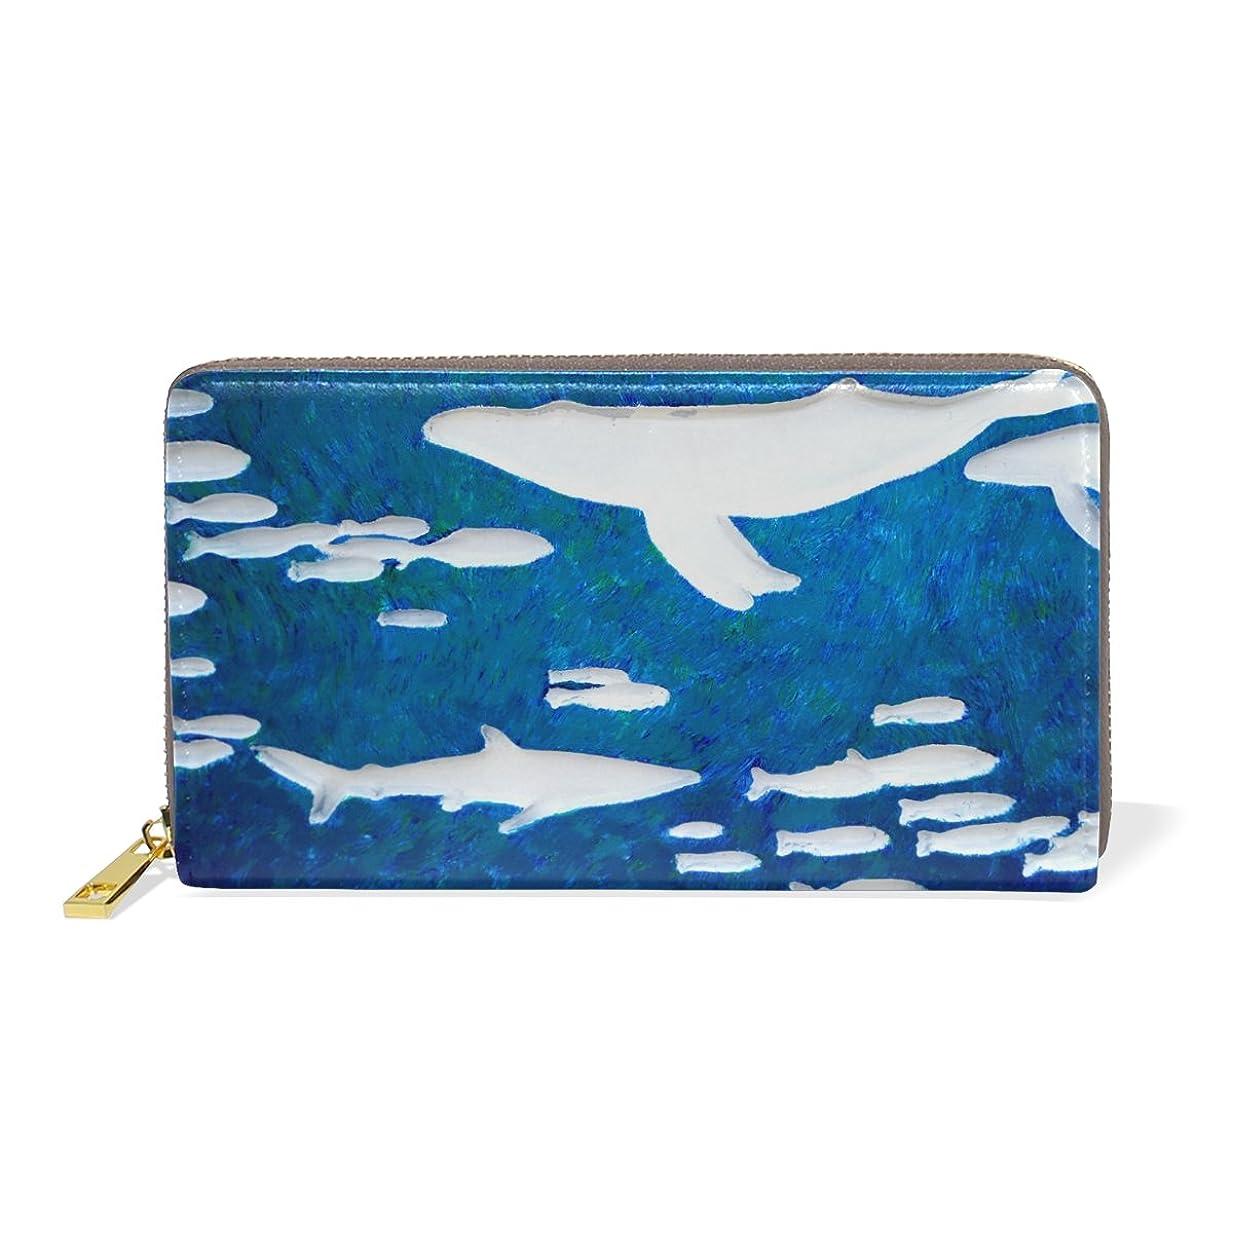 測定オピエート適合するAOMOKI 財布 長財布 レディース 本革 大容量 ラウンドファスナー 通勤 通学 海 鯨 ブルー かわいい きれい